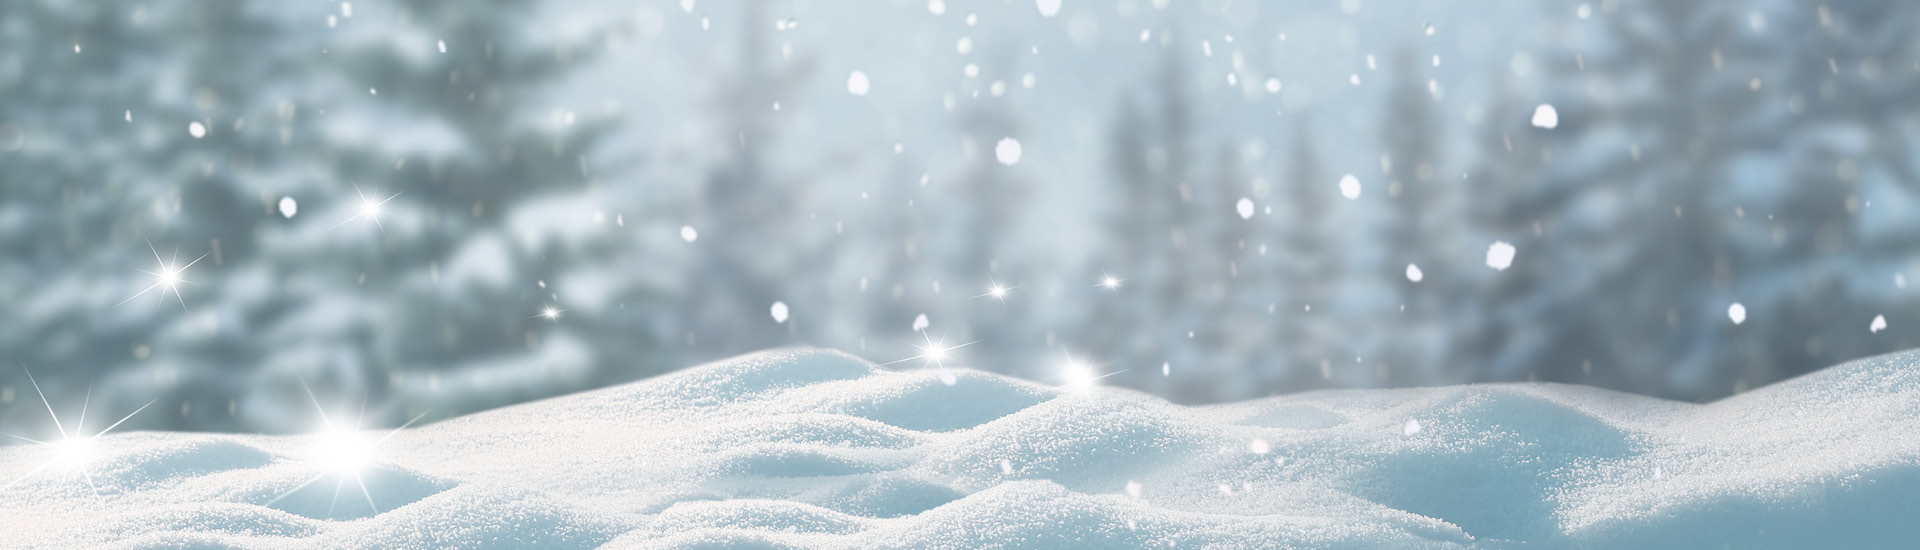 Weine - Winter Sale bis -30% Rabatt 02/2020 - Slider (Produkt)